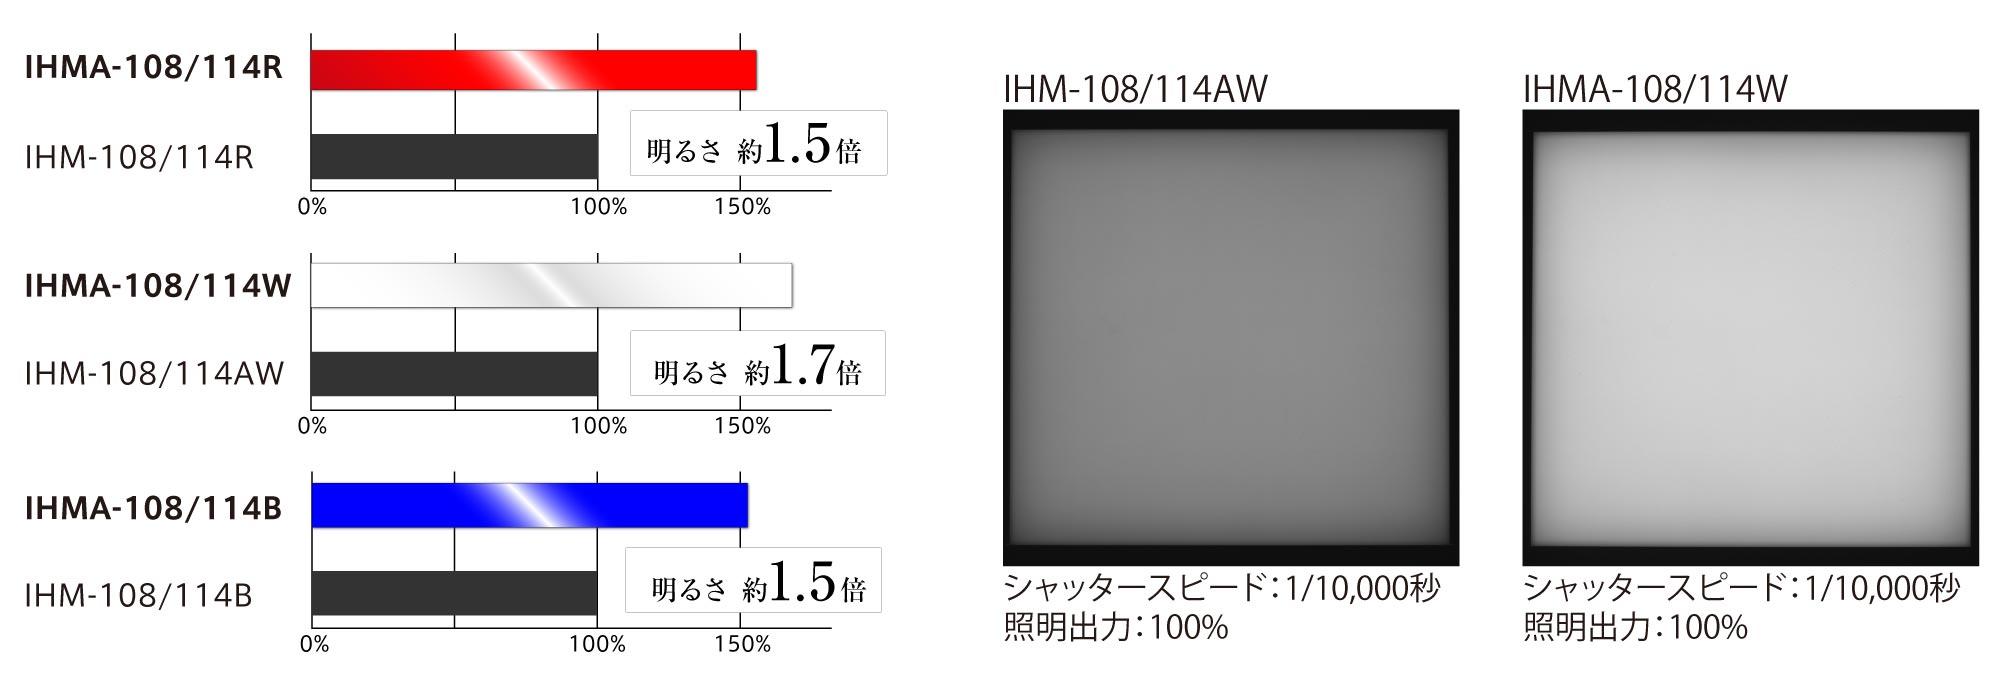 IHMA Product Description 02